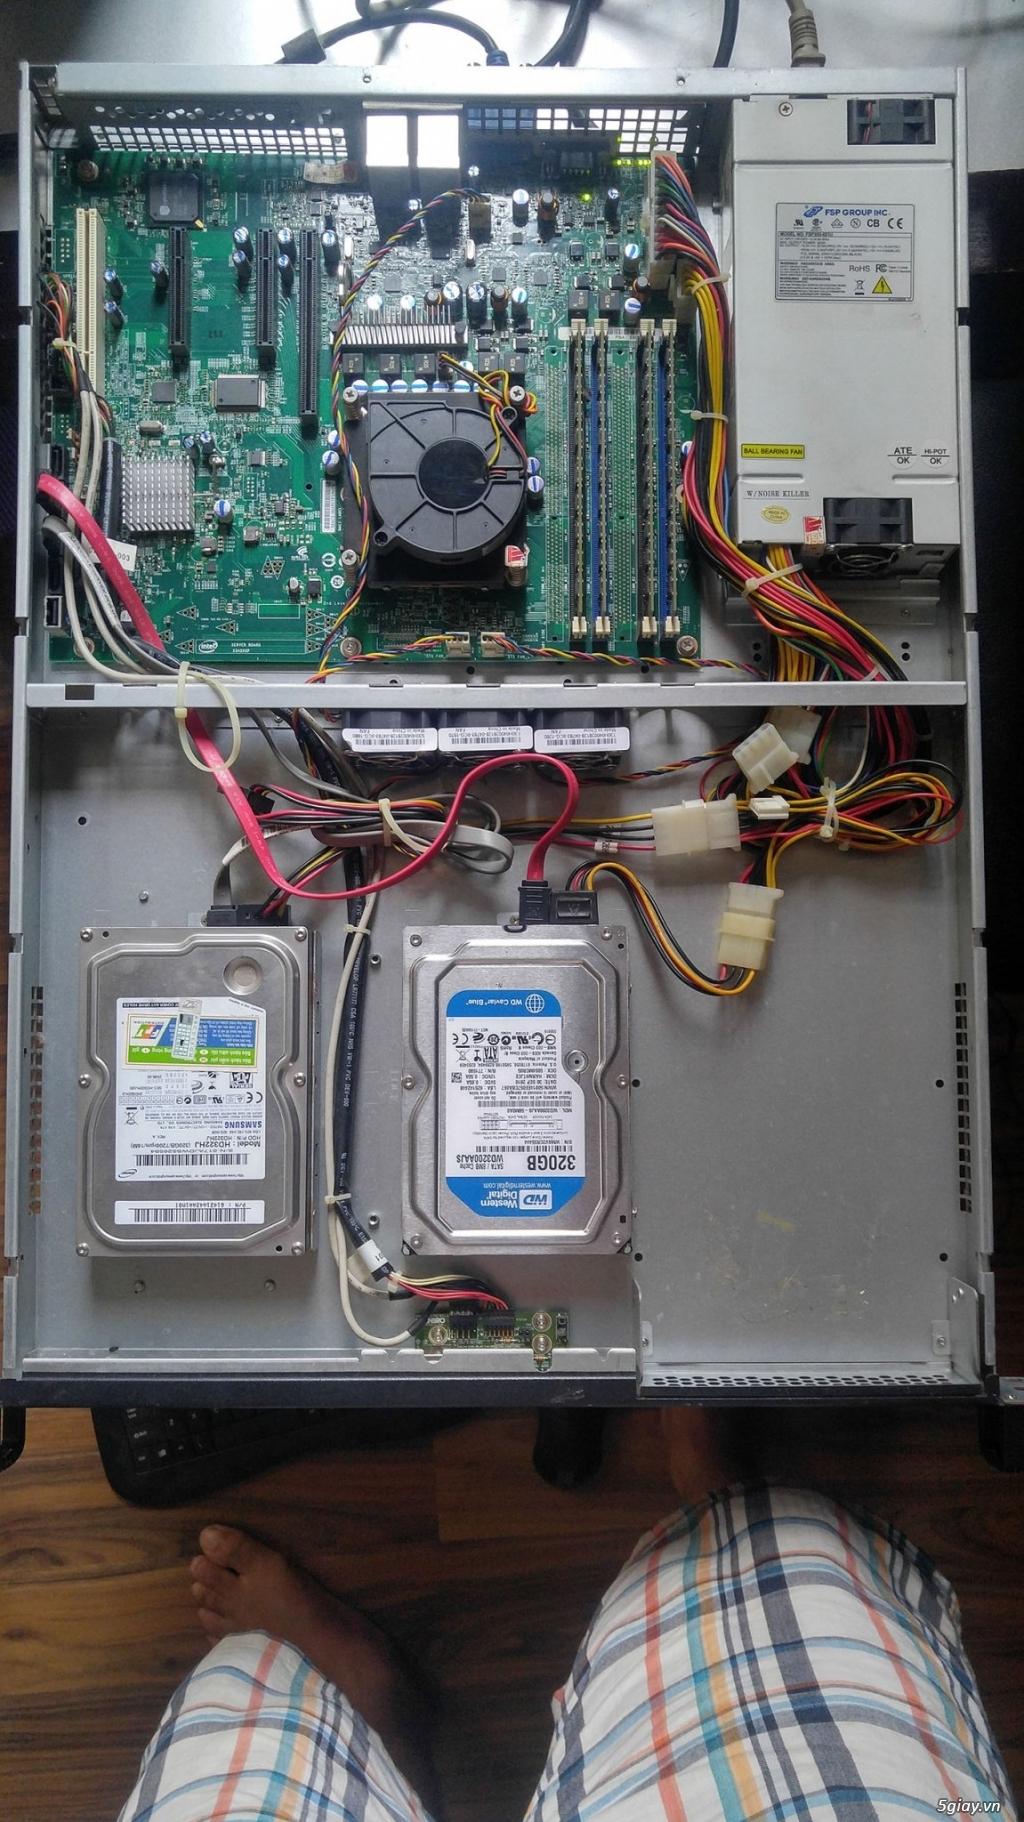 Thanh lý giá rẻ server Hosting, Domain bị lỗi main - 2